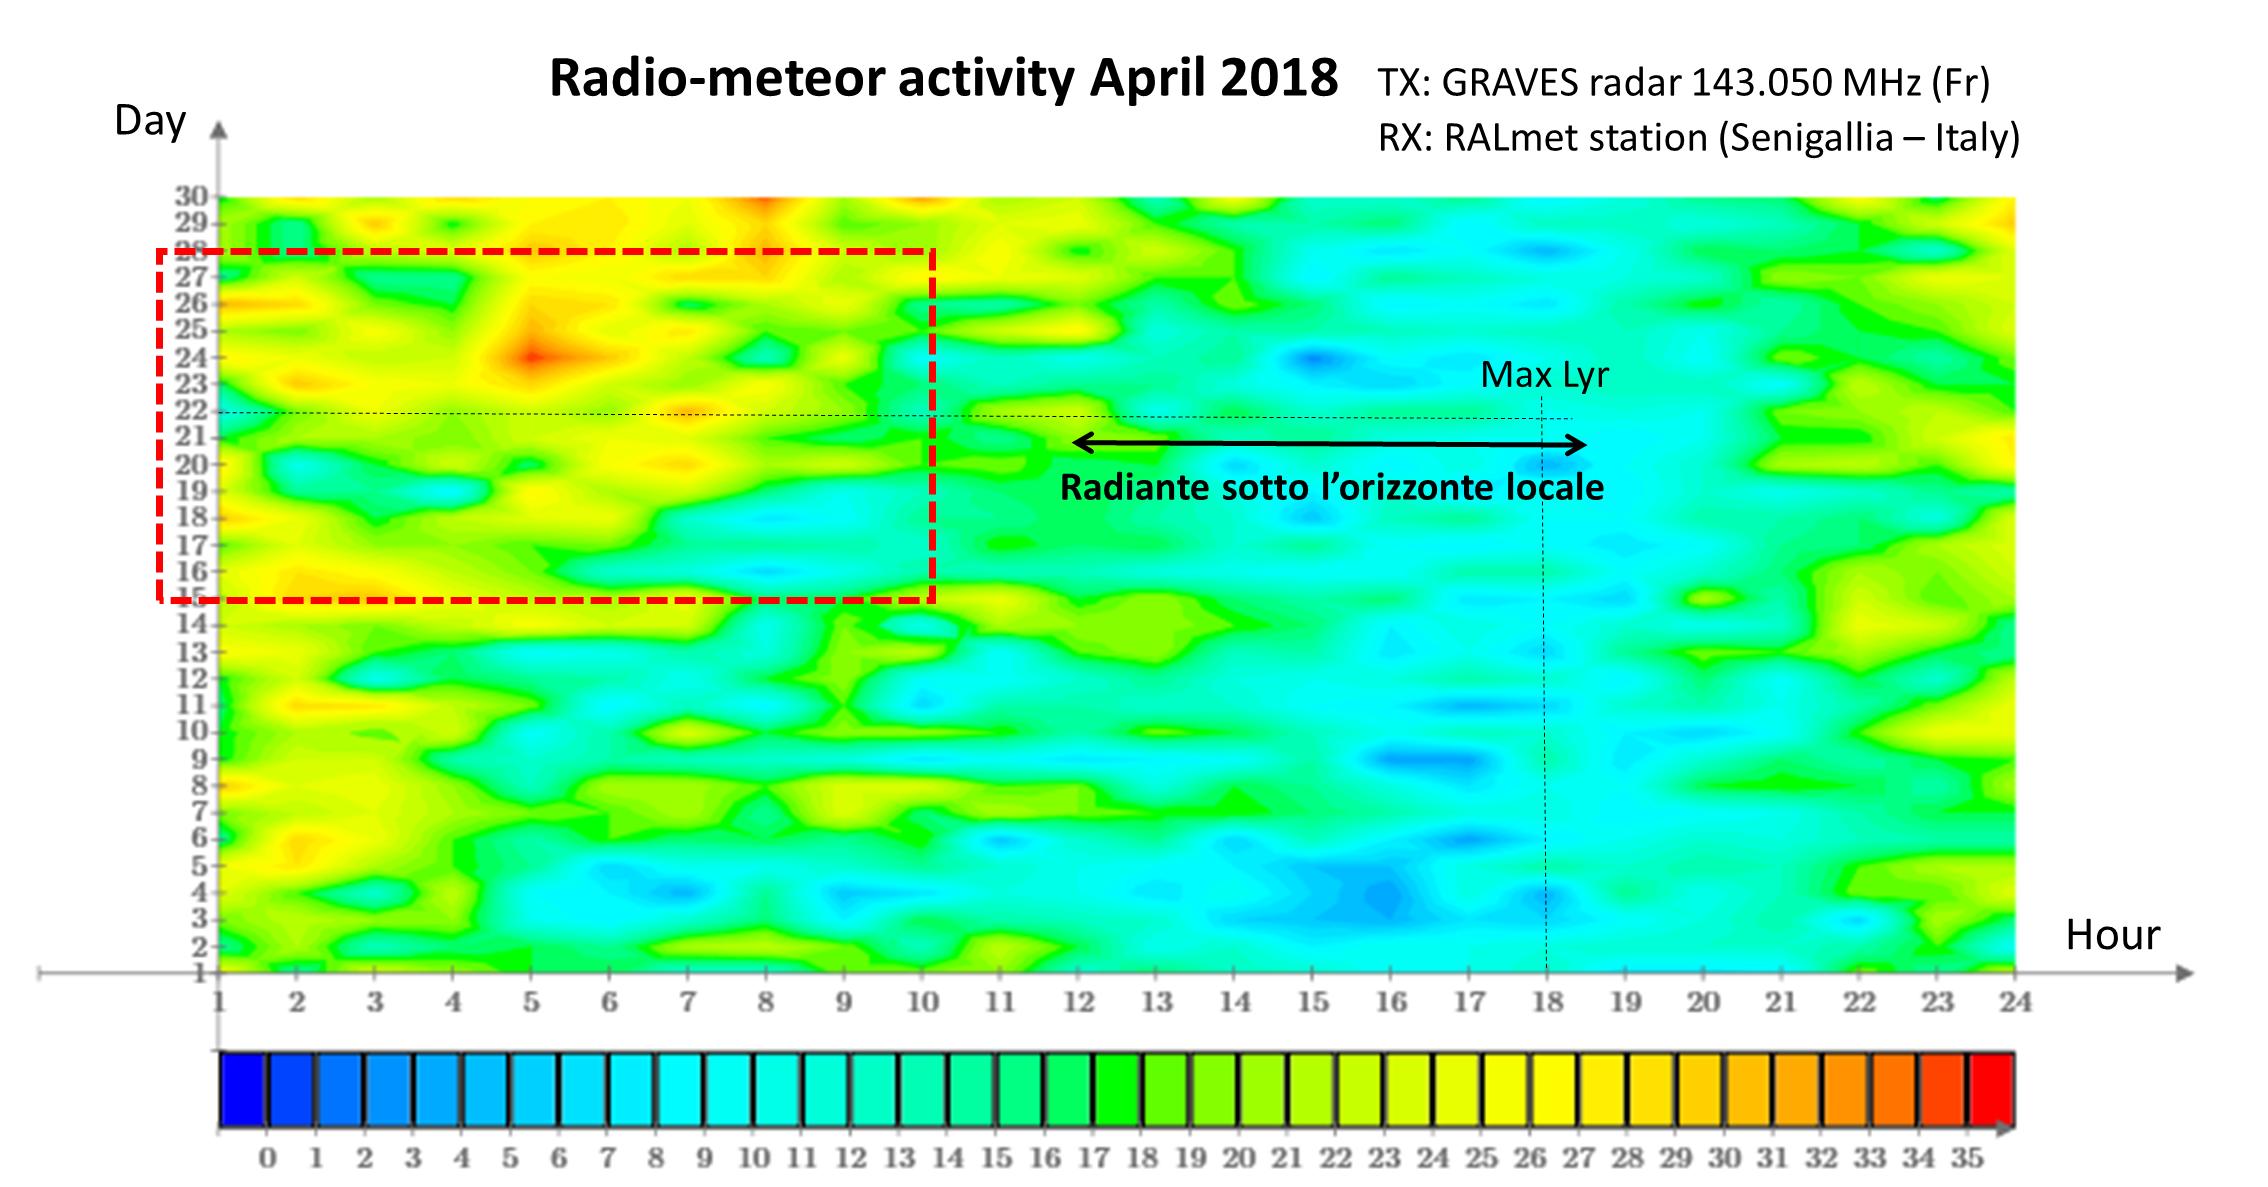 Mappa dettagliata a falsi colori che descrive il flusso meteorico orario registrato nel mese di Aprile 2018 dalla stazione meteor scatter RALmet.